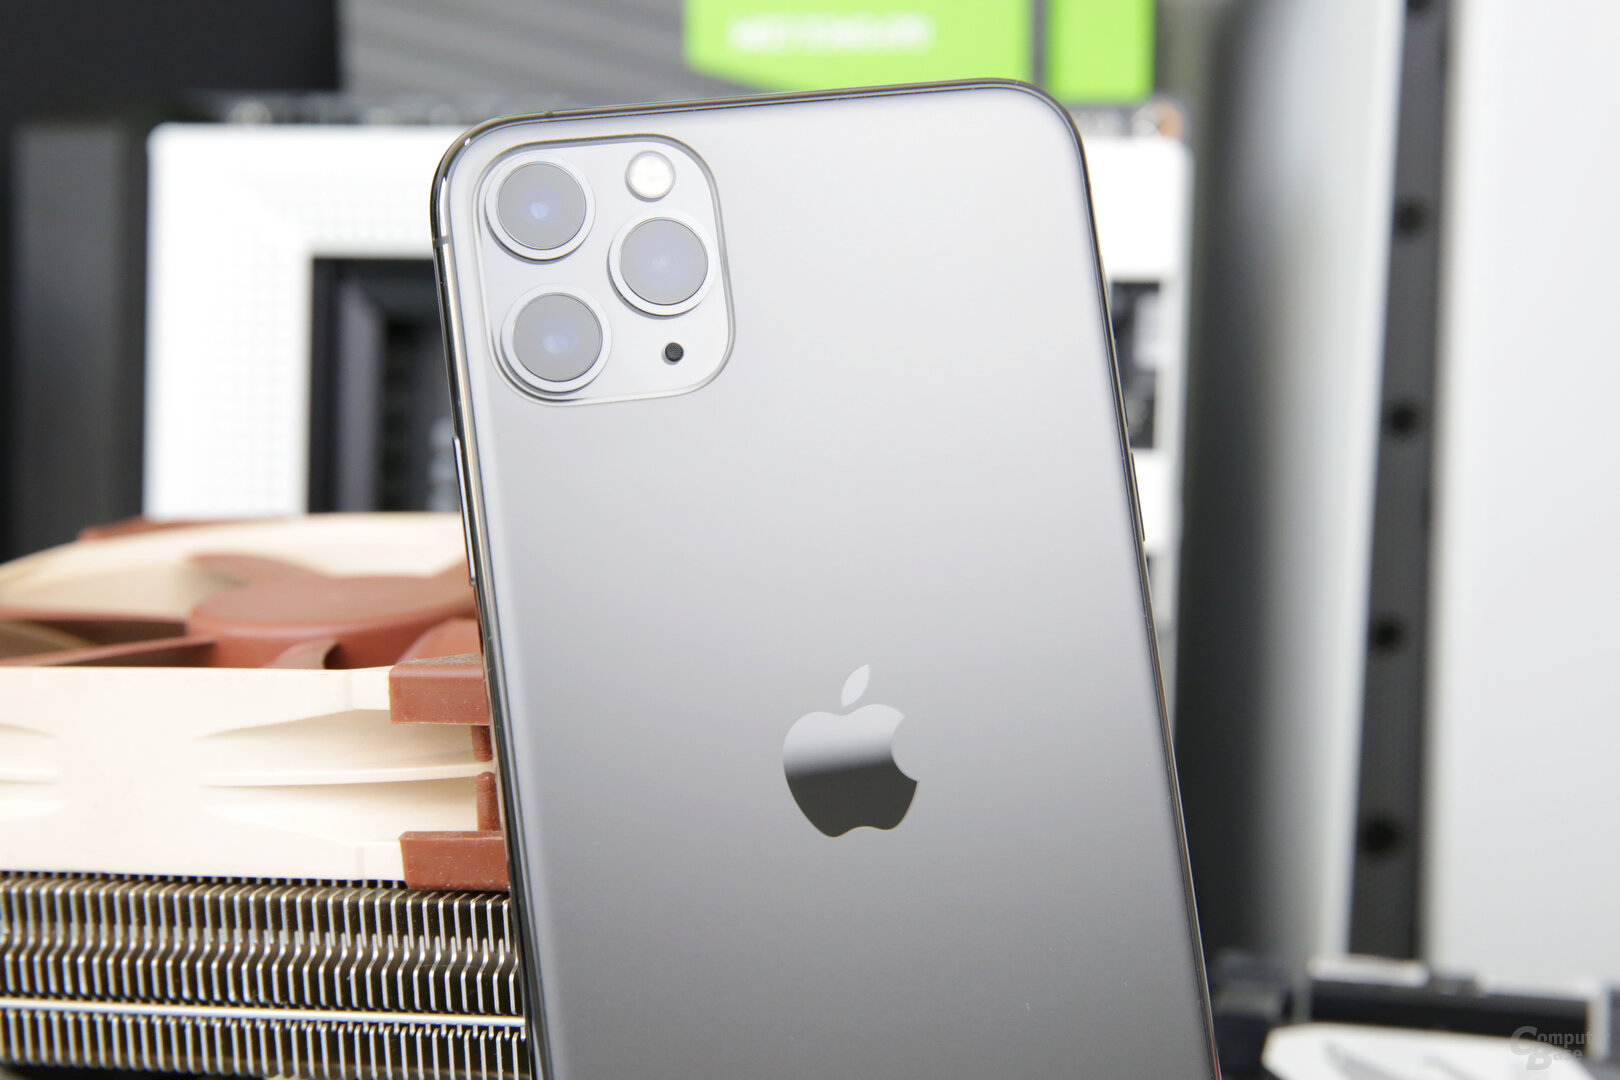 Triple-Kamera des iPhone 11 Pro Max eingefasst in Glas